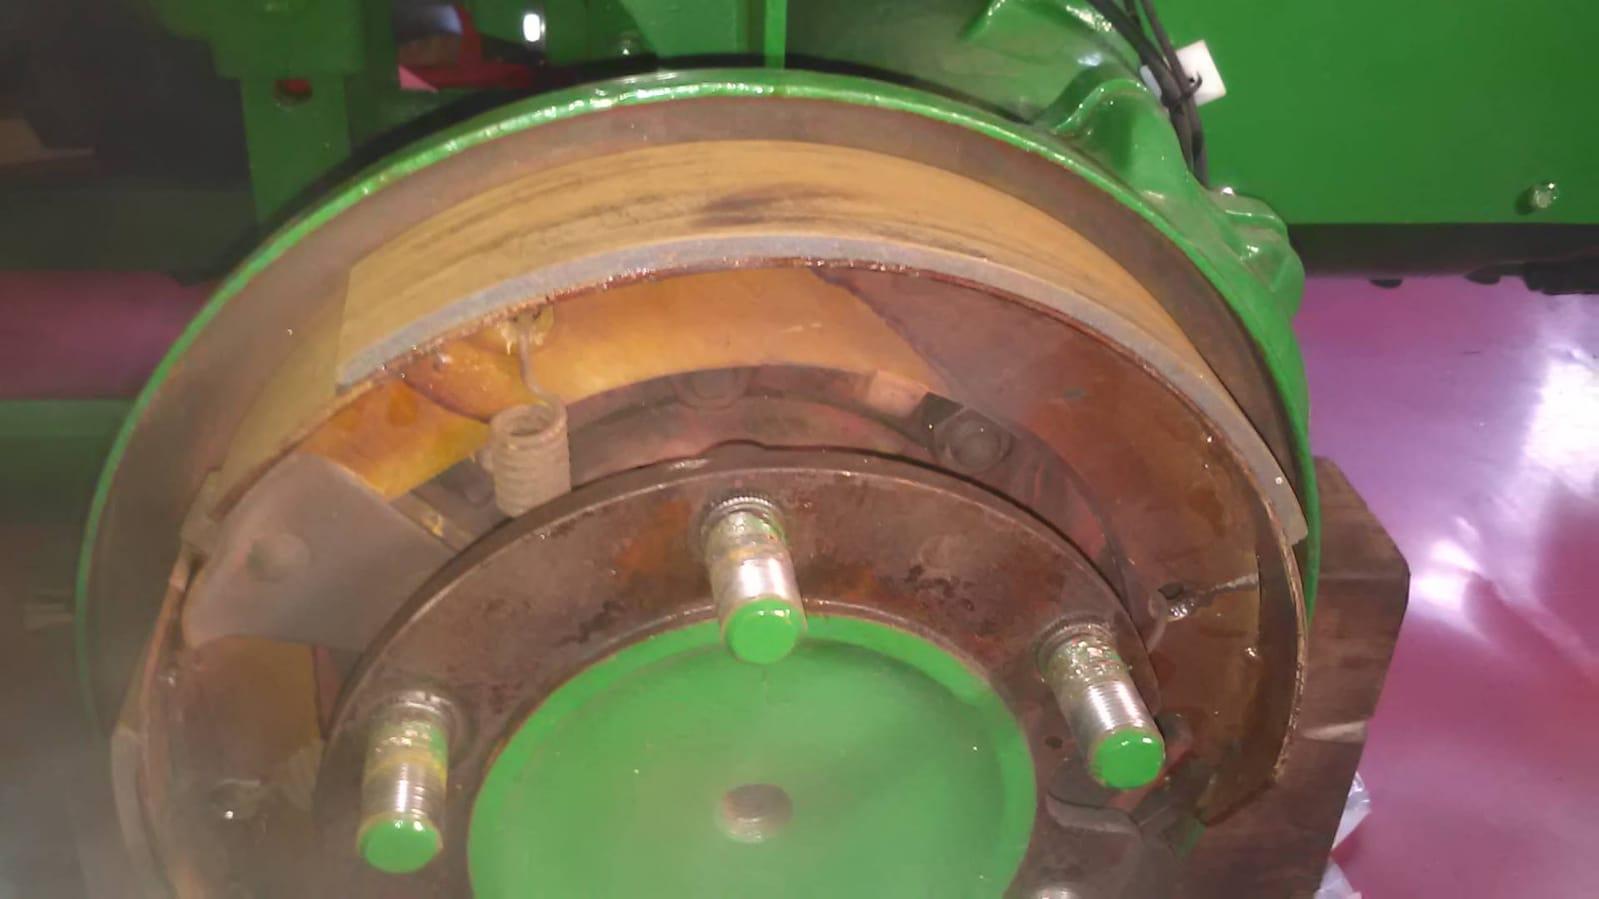 So sieht es hinter der Bremstrommel nach keine 5 Kilometer aus, das kann es......